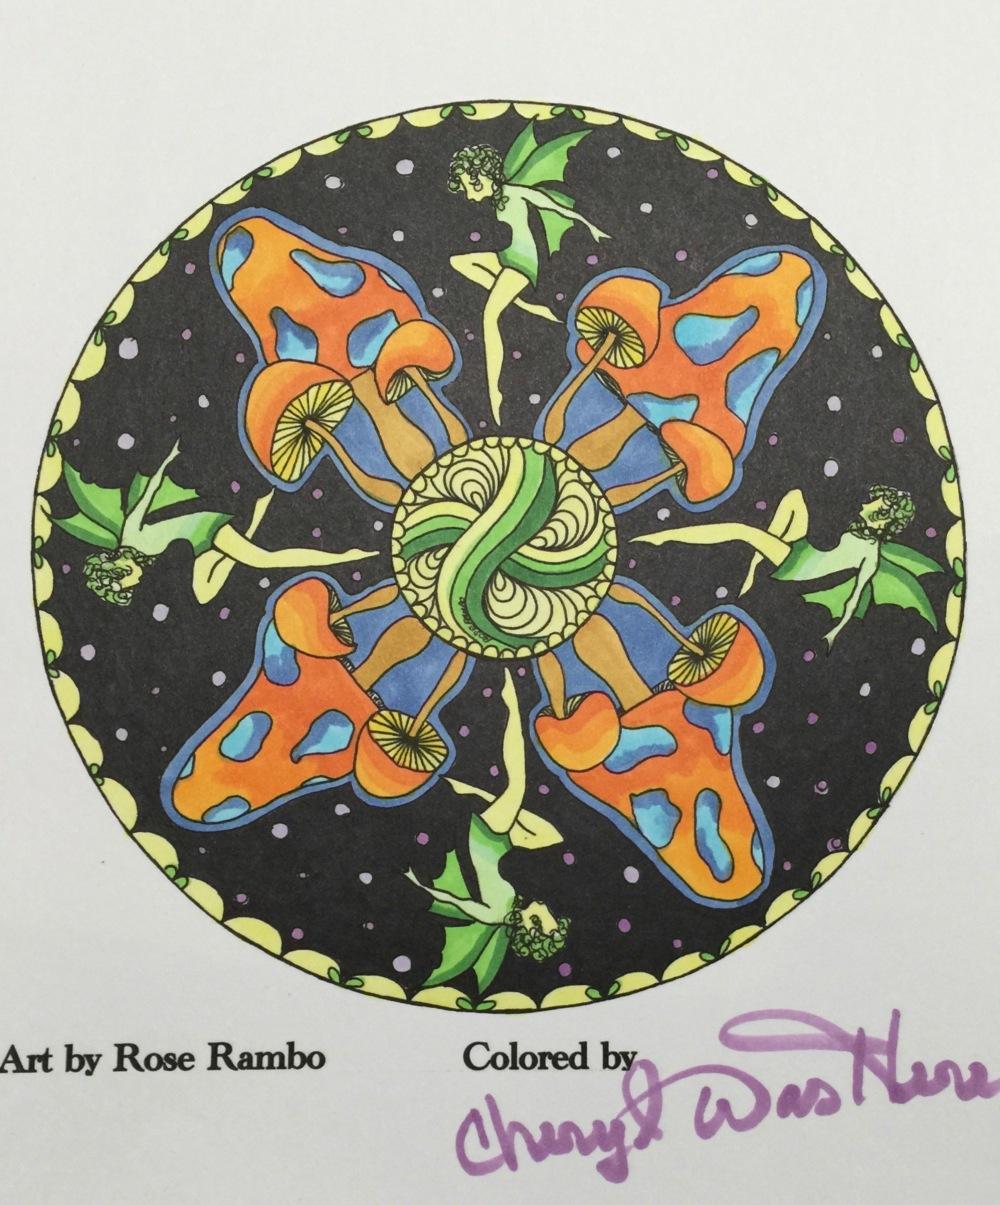 #cherylcolors Mushroom Fairies by Rose Rambo